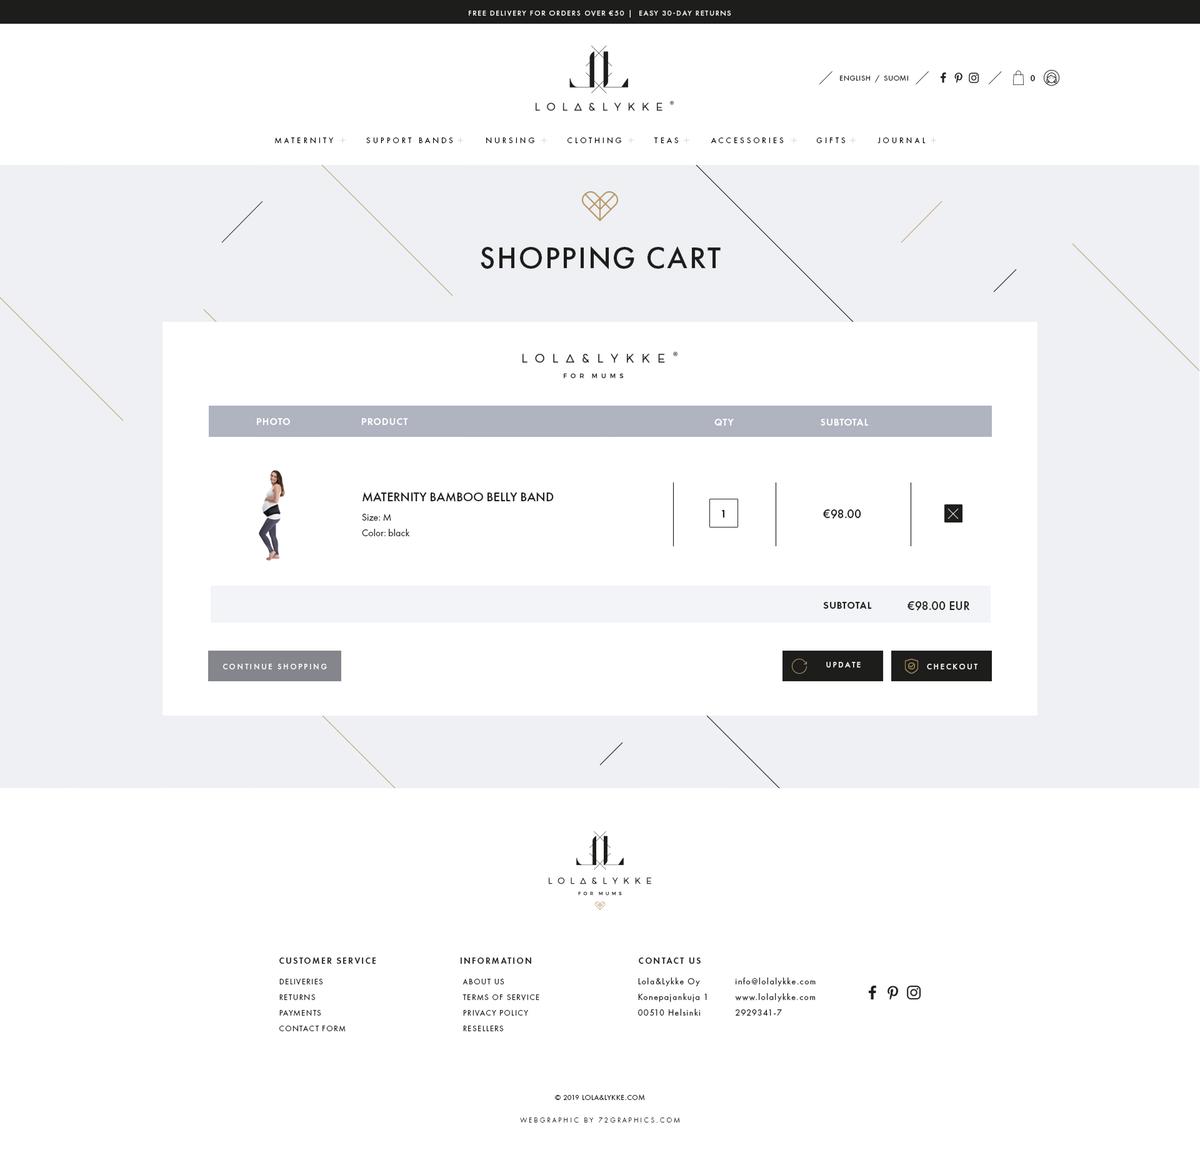 Website / landing page design